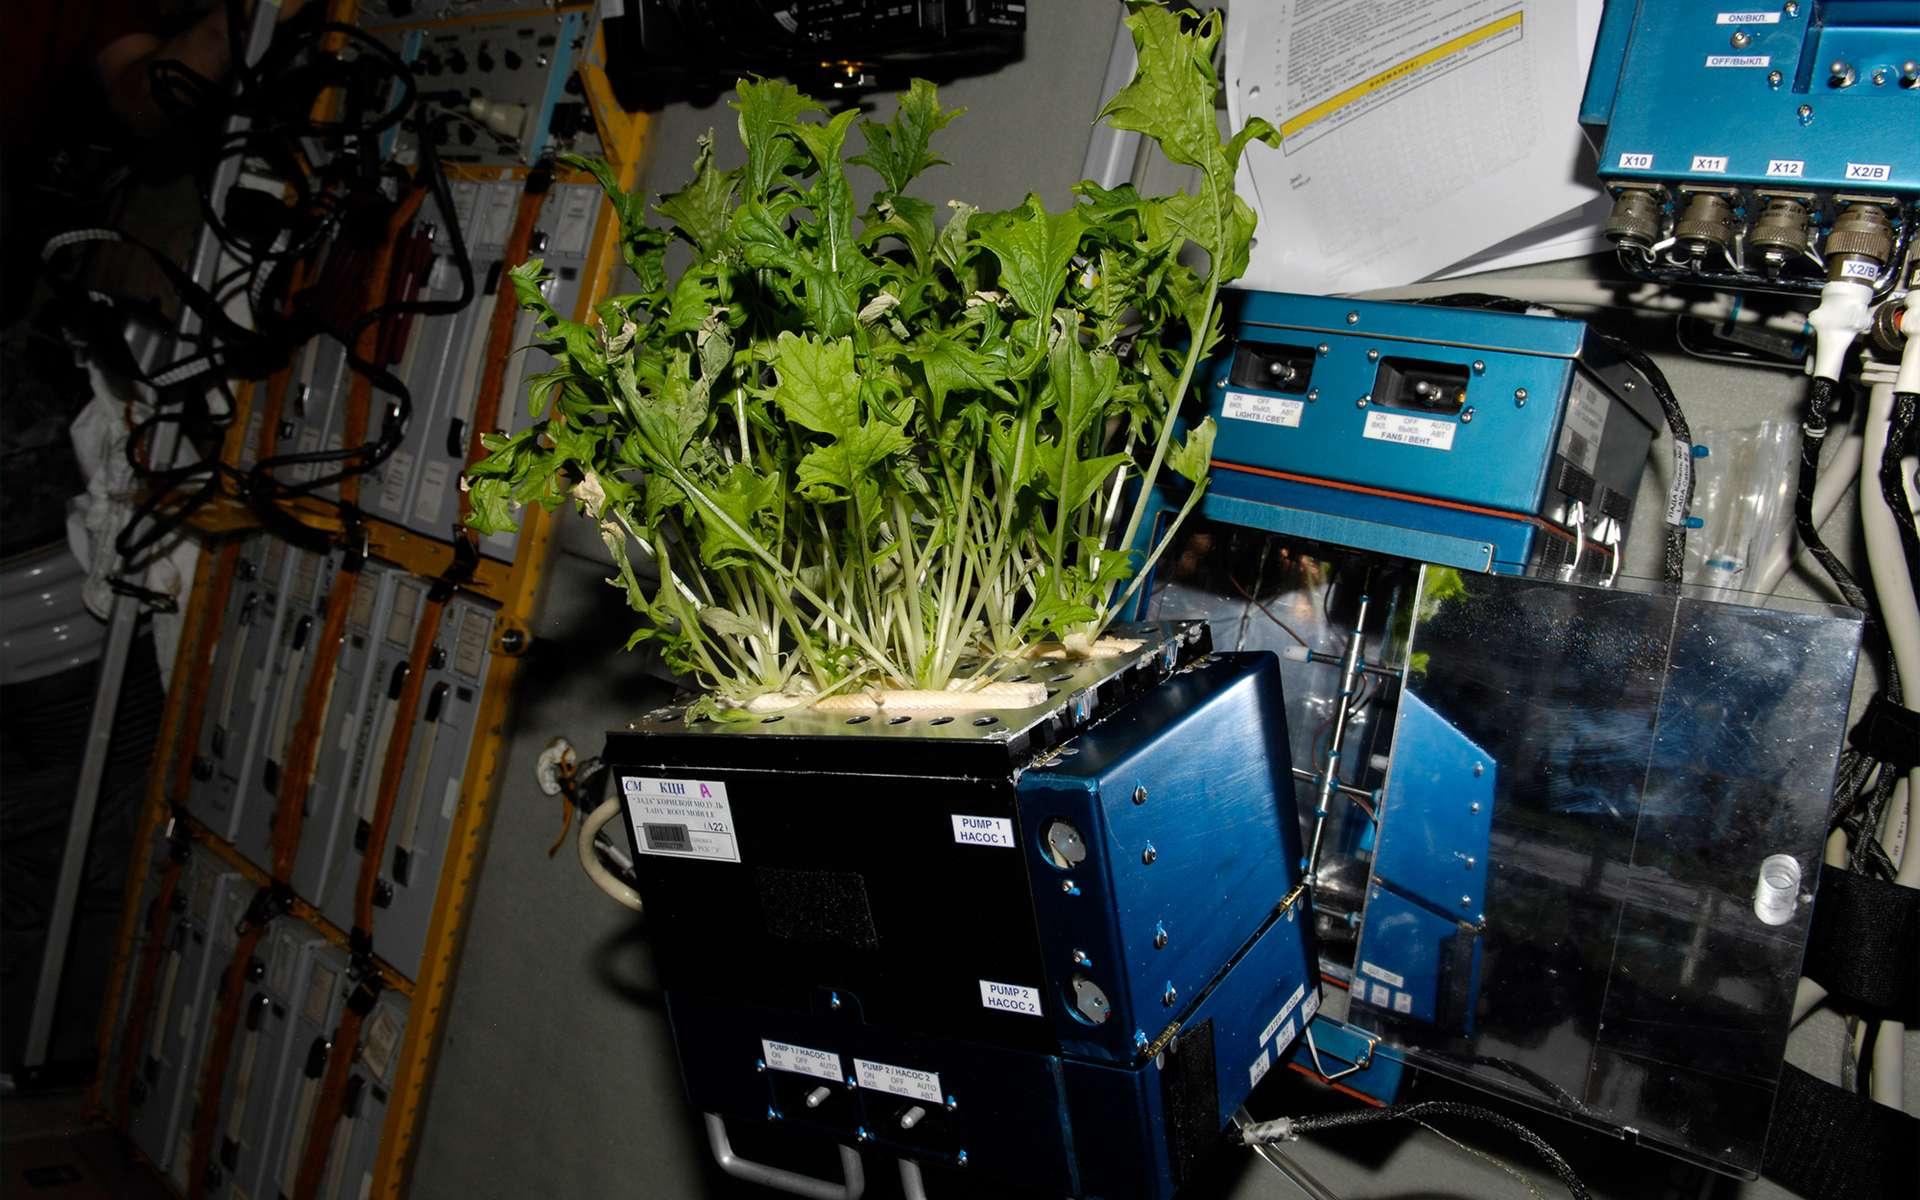 À bord de la Station spatiale, les astronautes ont déjà cultivé dans une serre des salades qu'ils ont ensuite mangées après s'être assurés qu'elles ne présentaient pas de risque pour leur santé. © Nasa